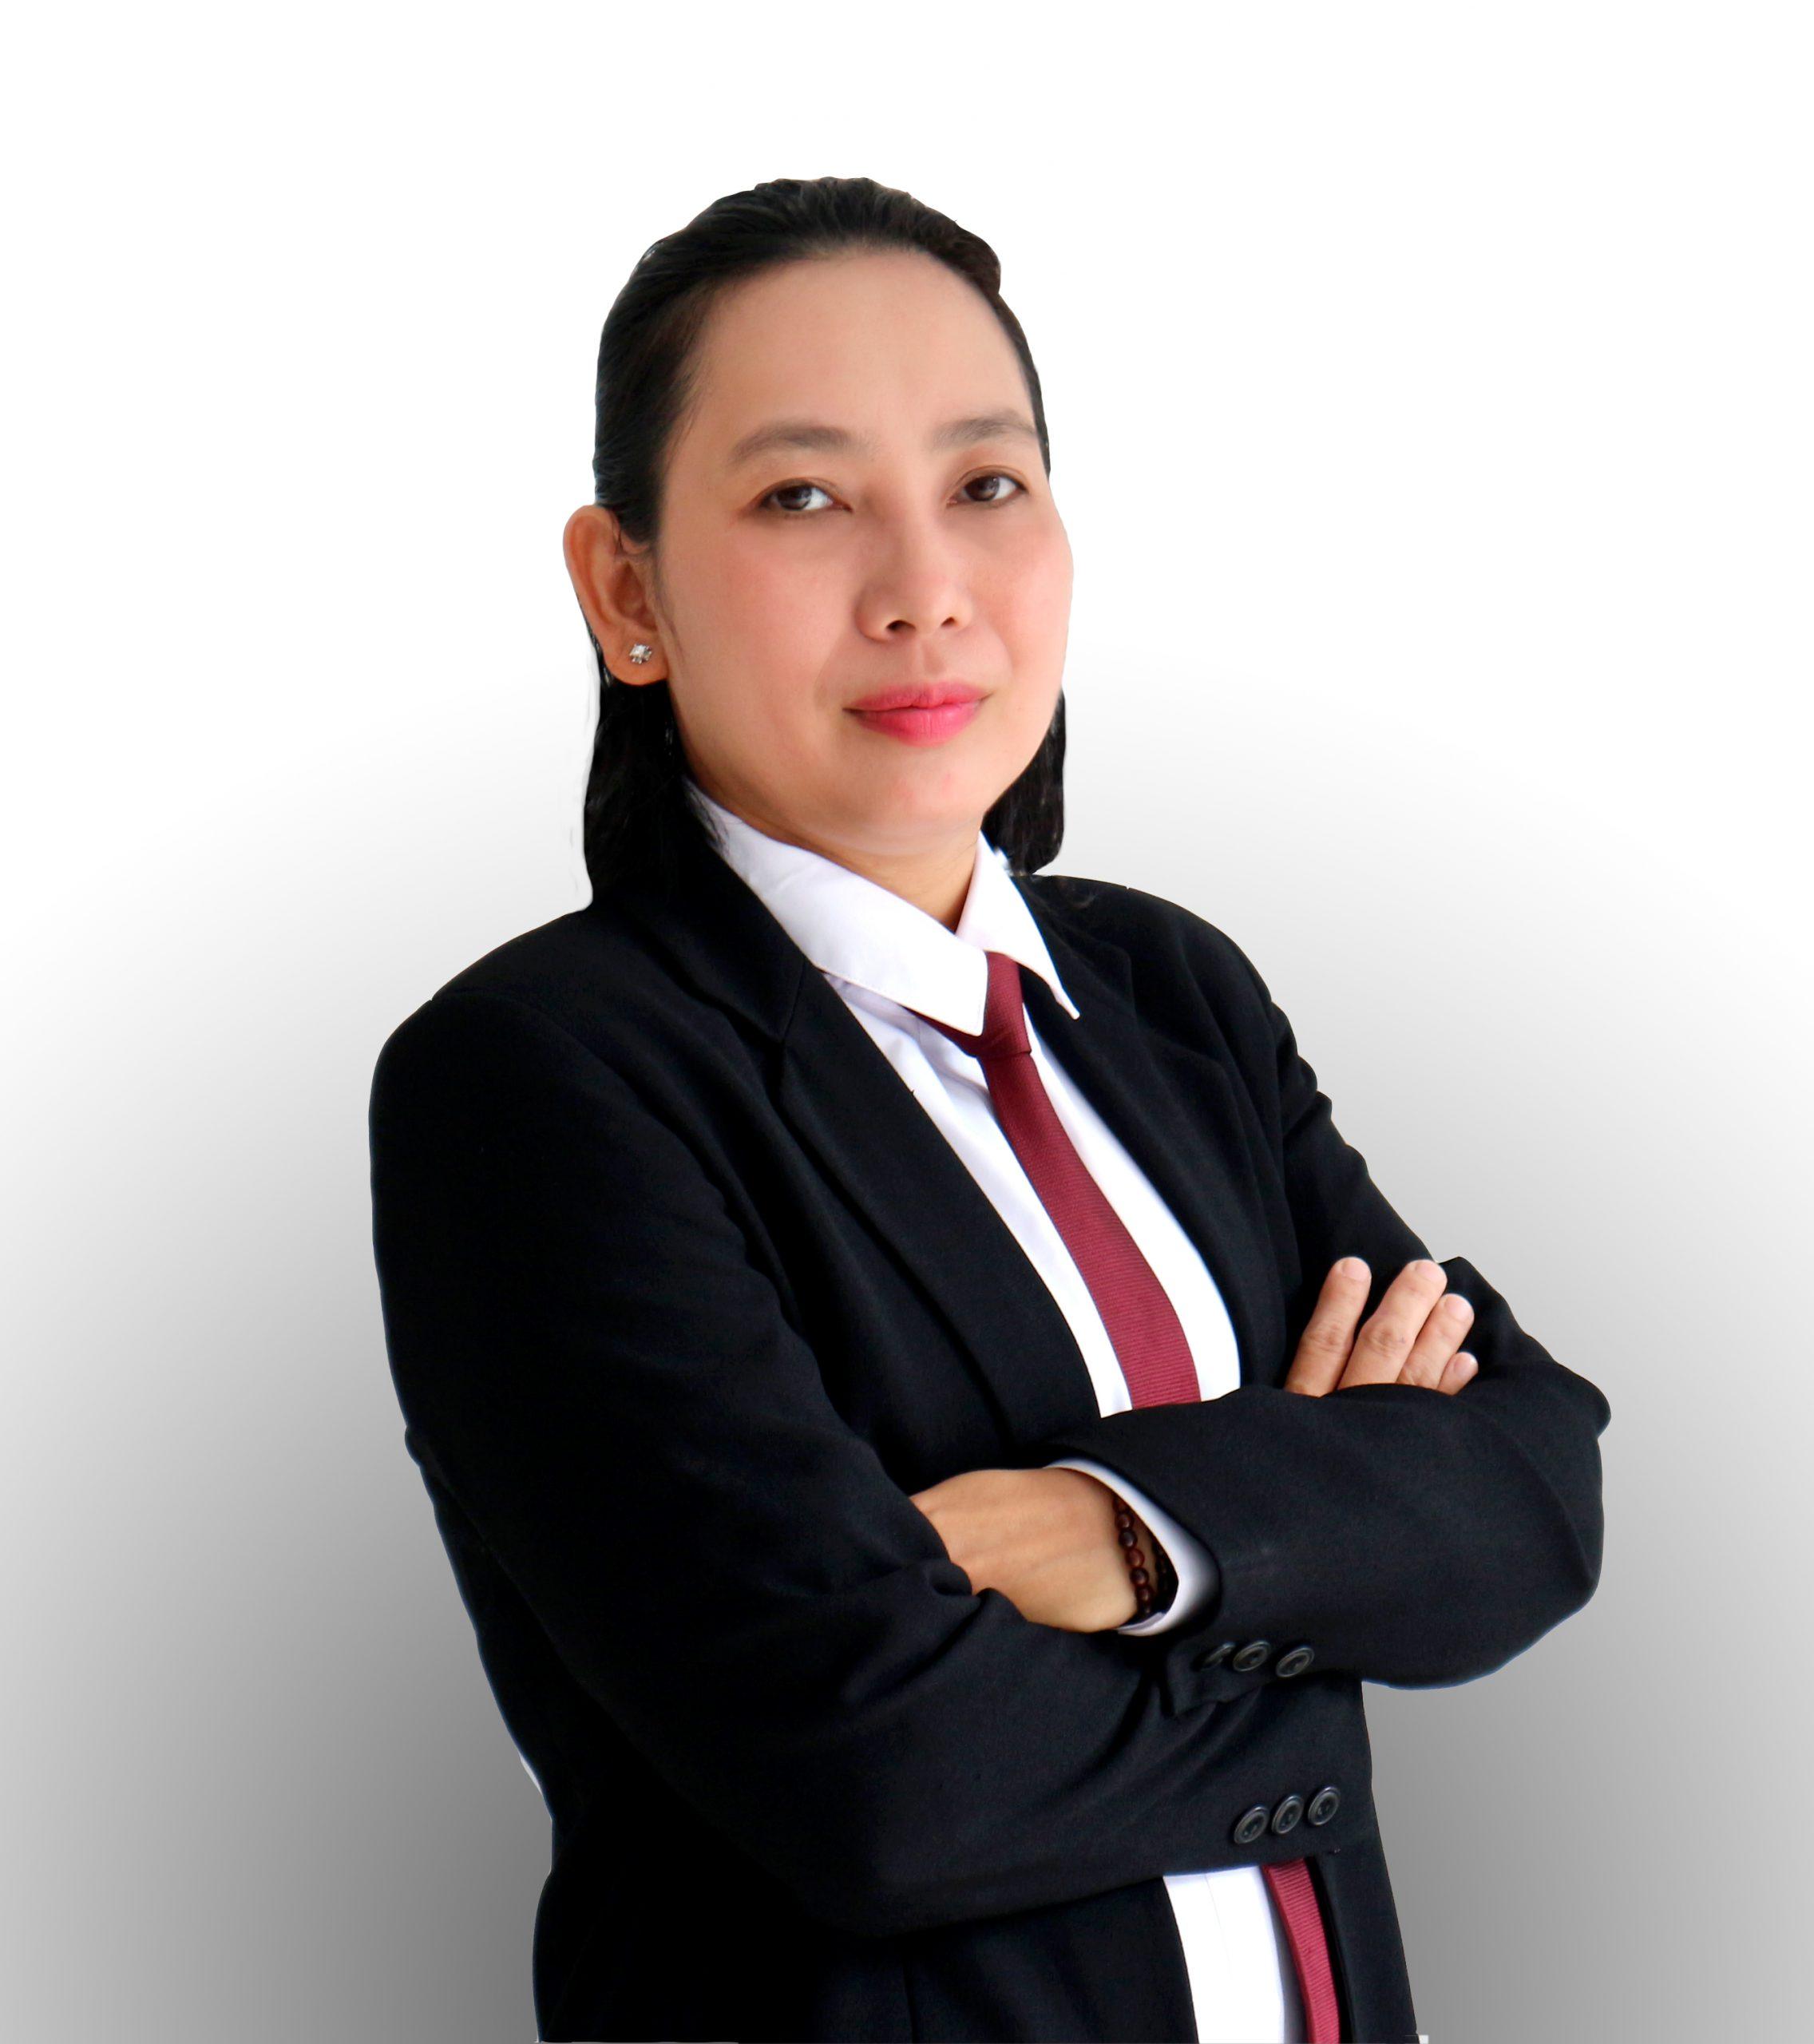 Thẩm phán, tiến sĩ Nguyễn Mai Trâm